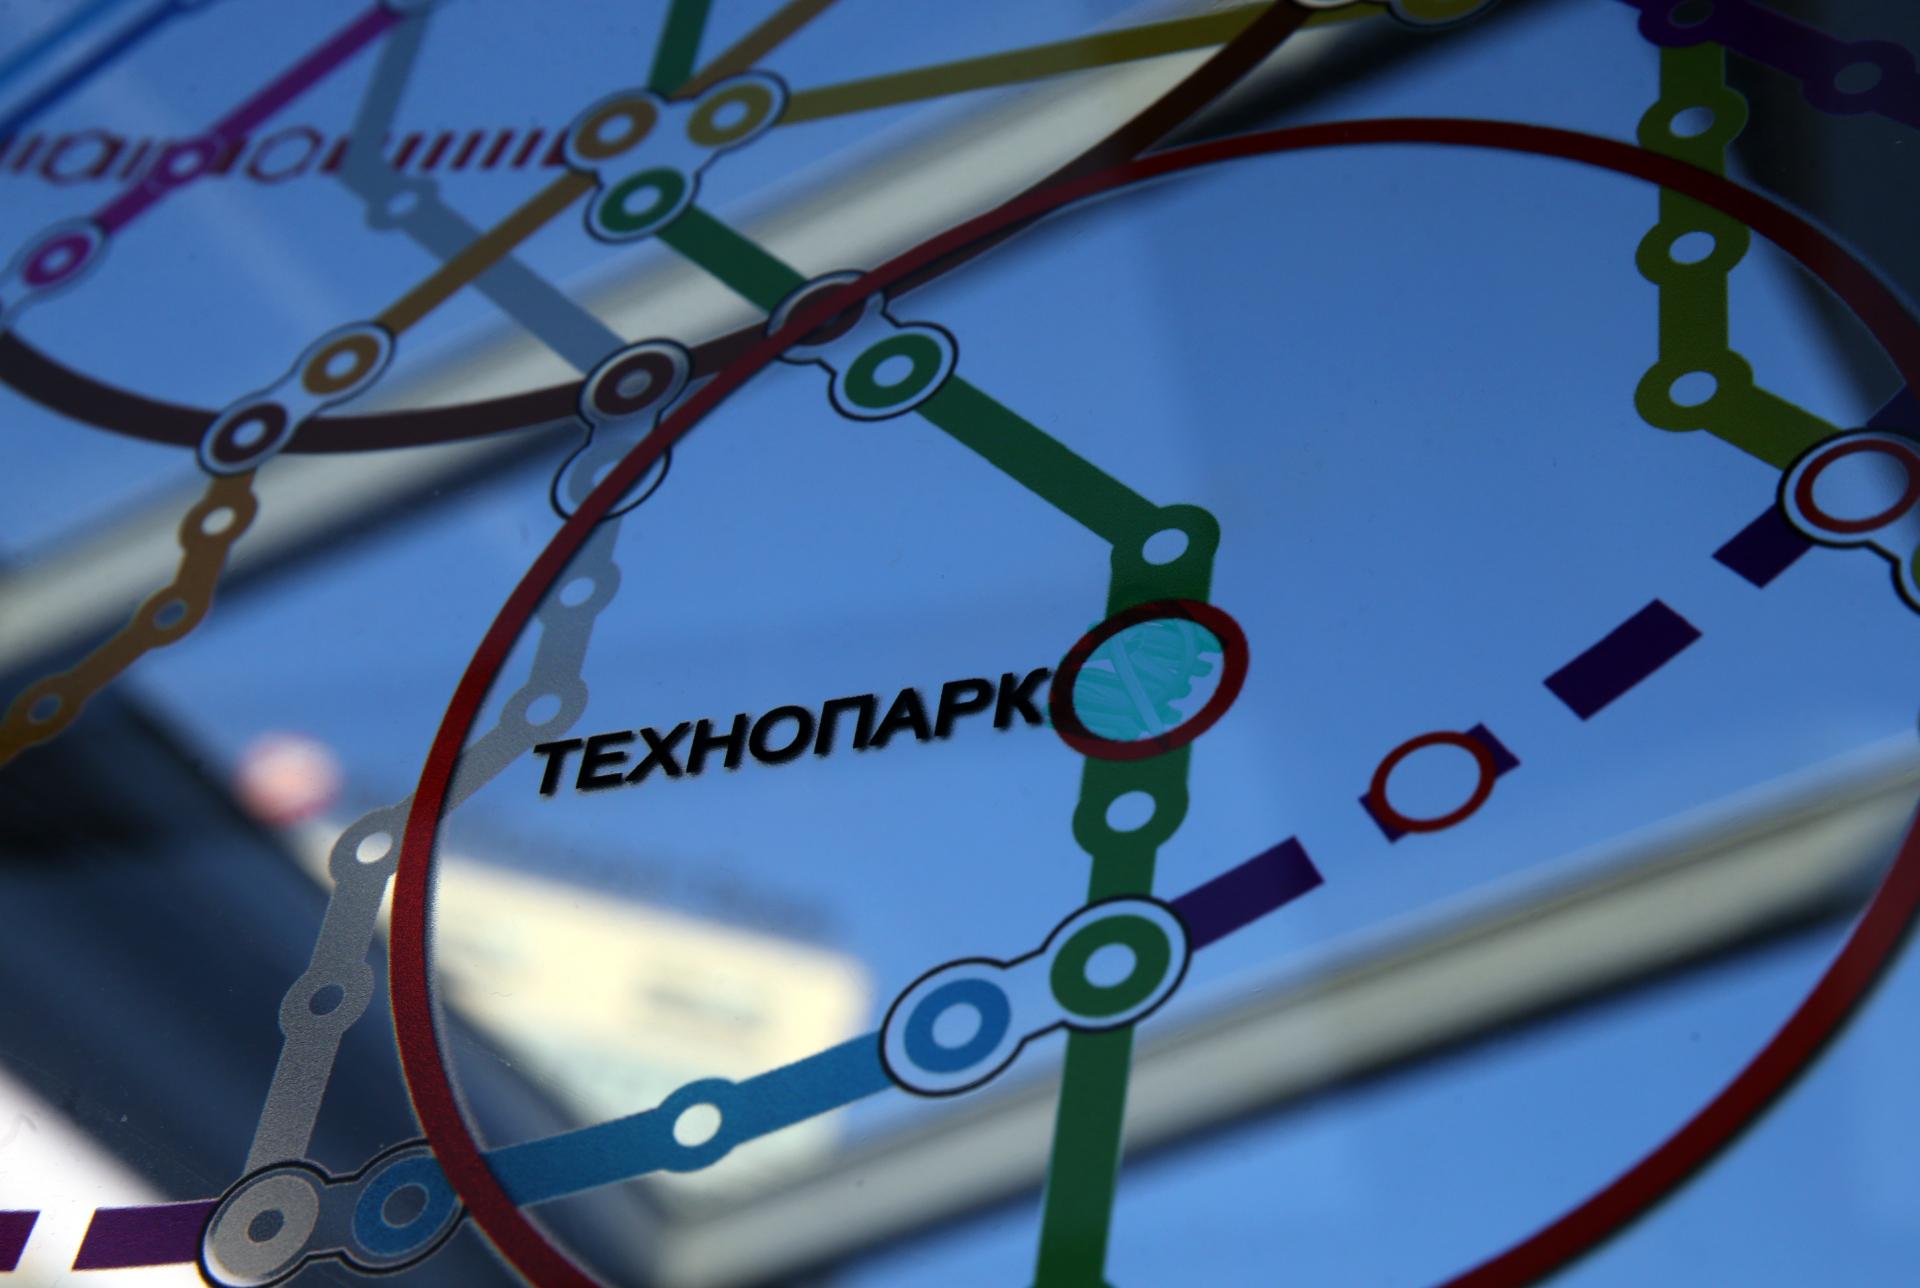 Станция метро «Технопарк» в 2021 году станет транспортно-пересадочным узлом с высоким пассажирским трафиком